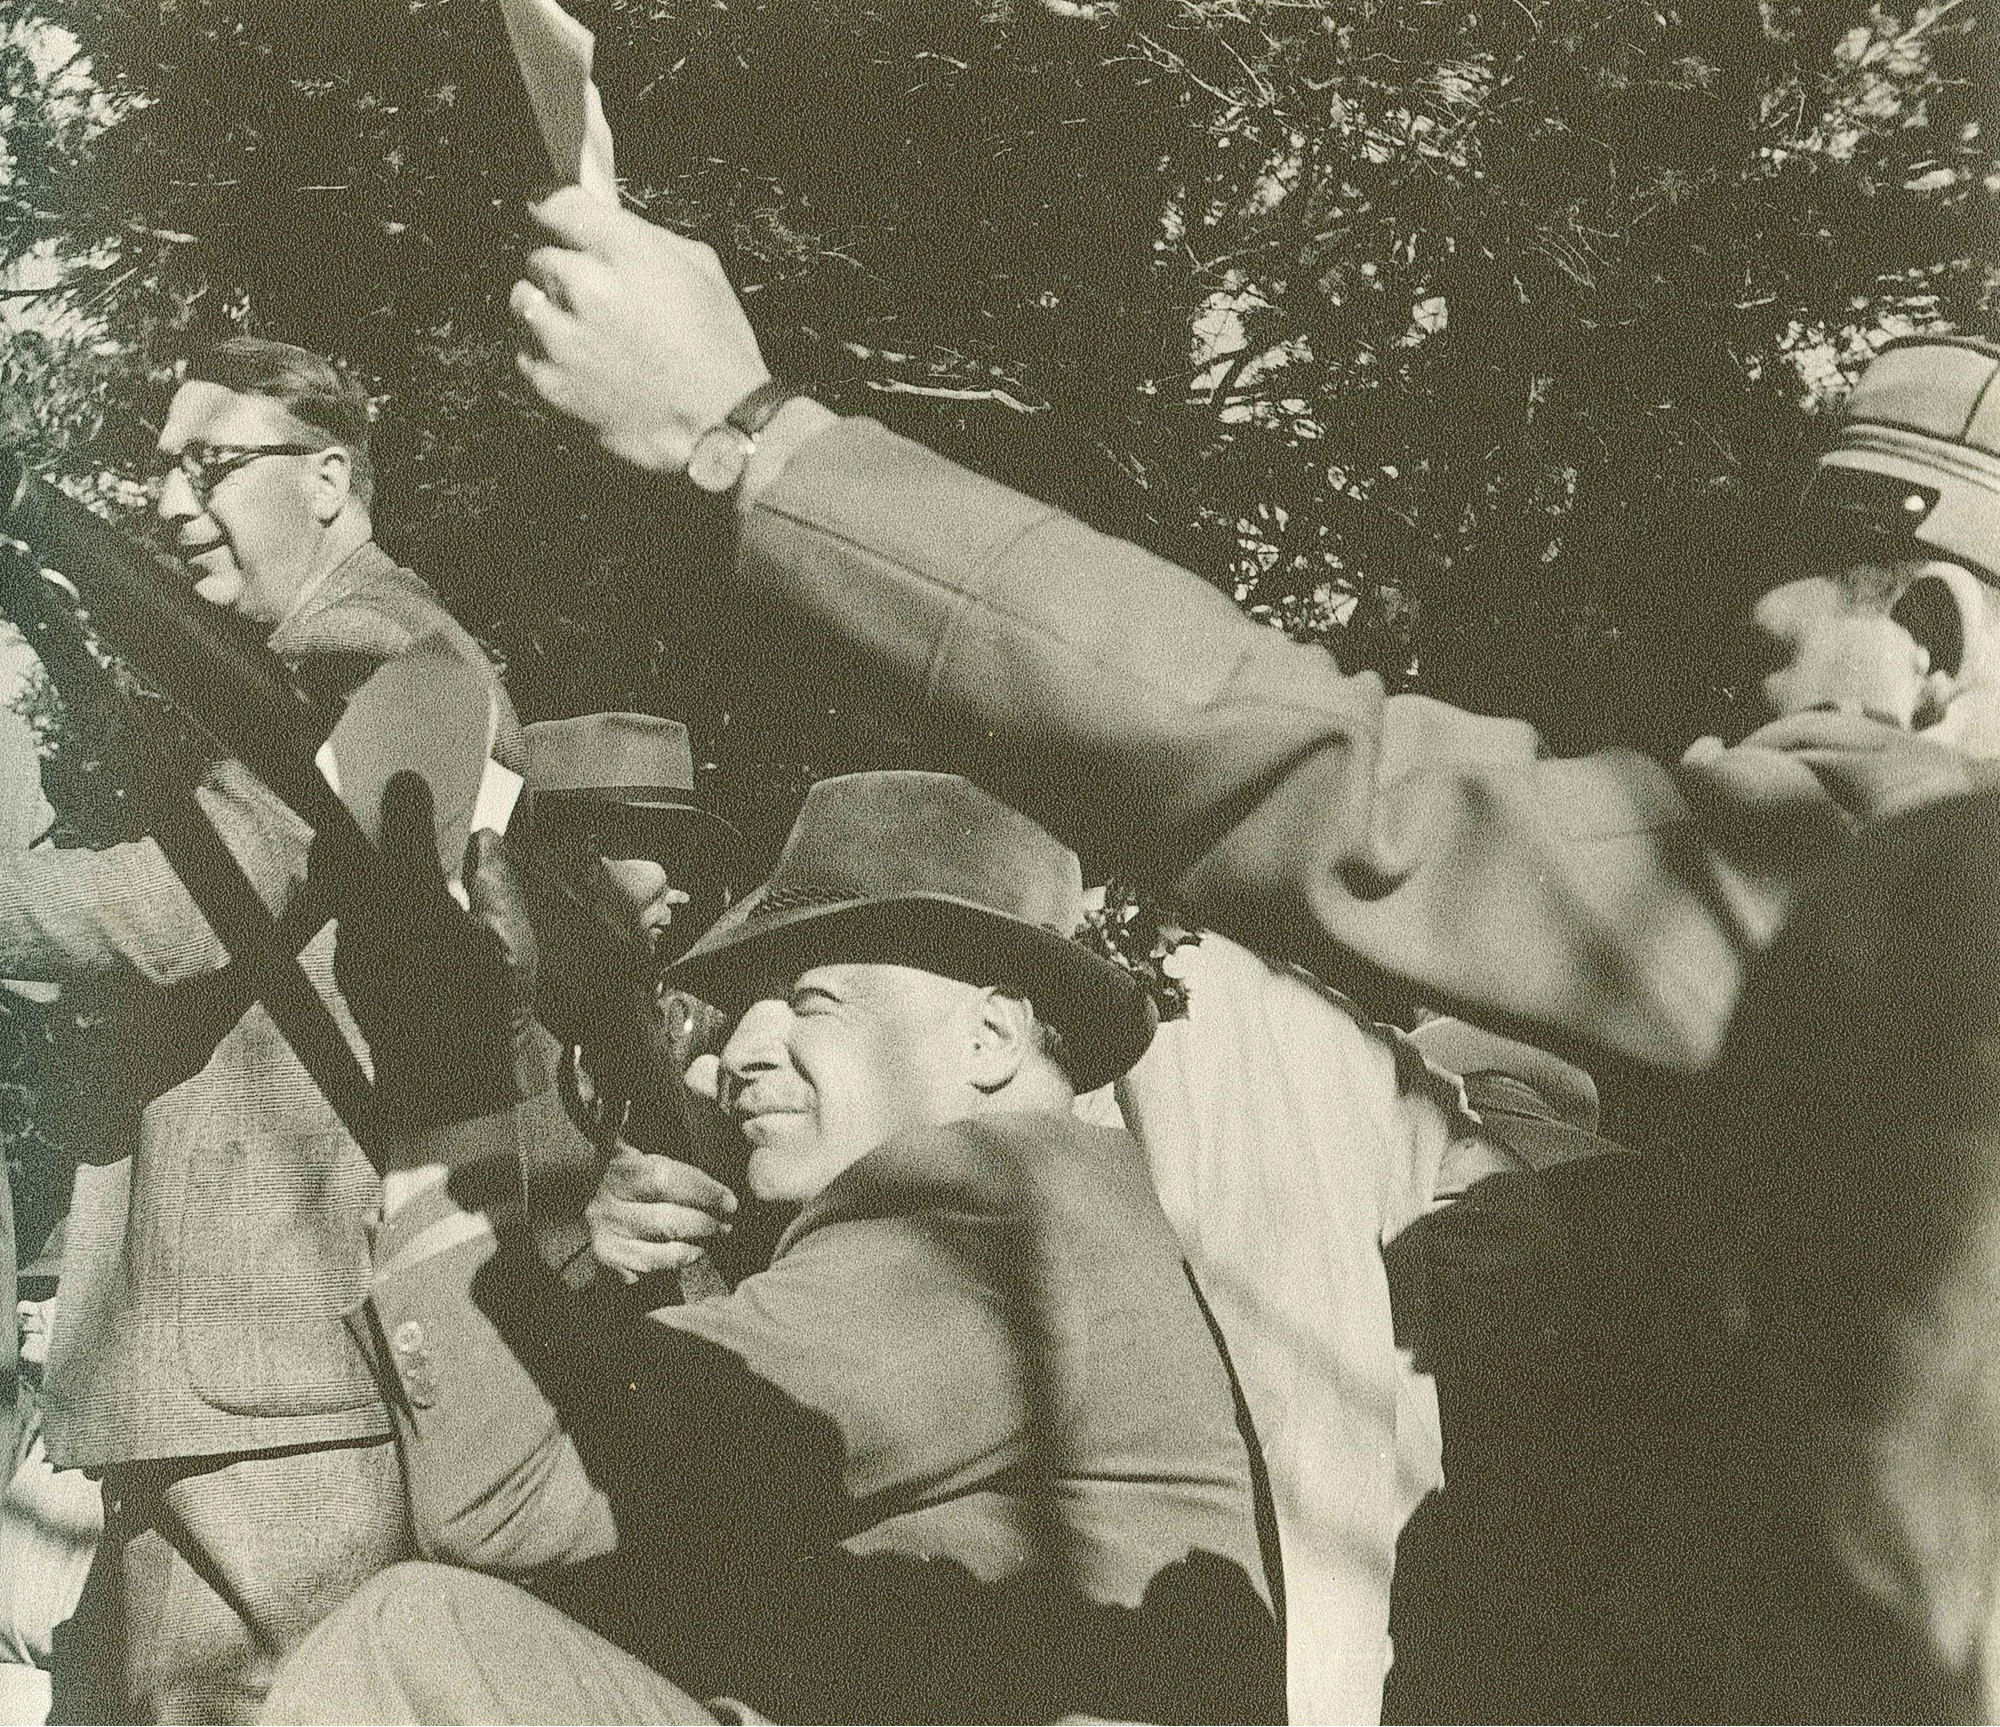 Rütli 1952 v.l. Dr. Adelbert Eckstein, Dr.h.c. Heinrich Küng (schiessend), Dr. Heini Küng